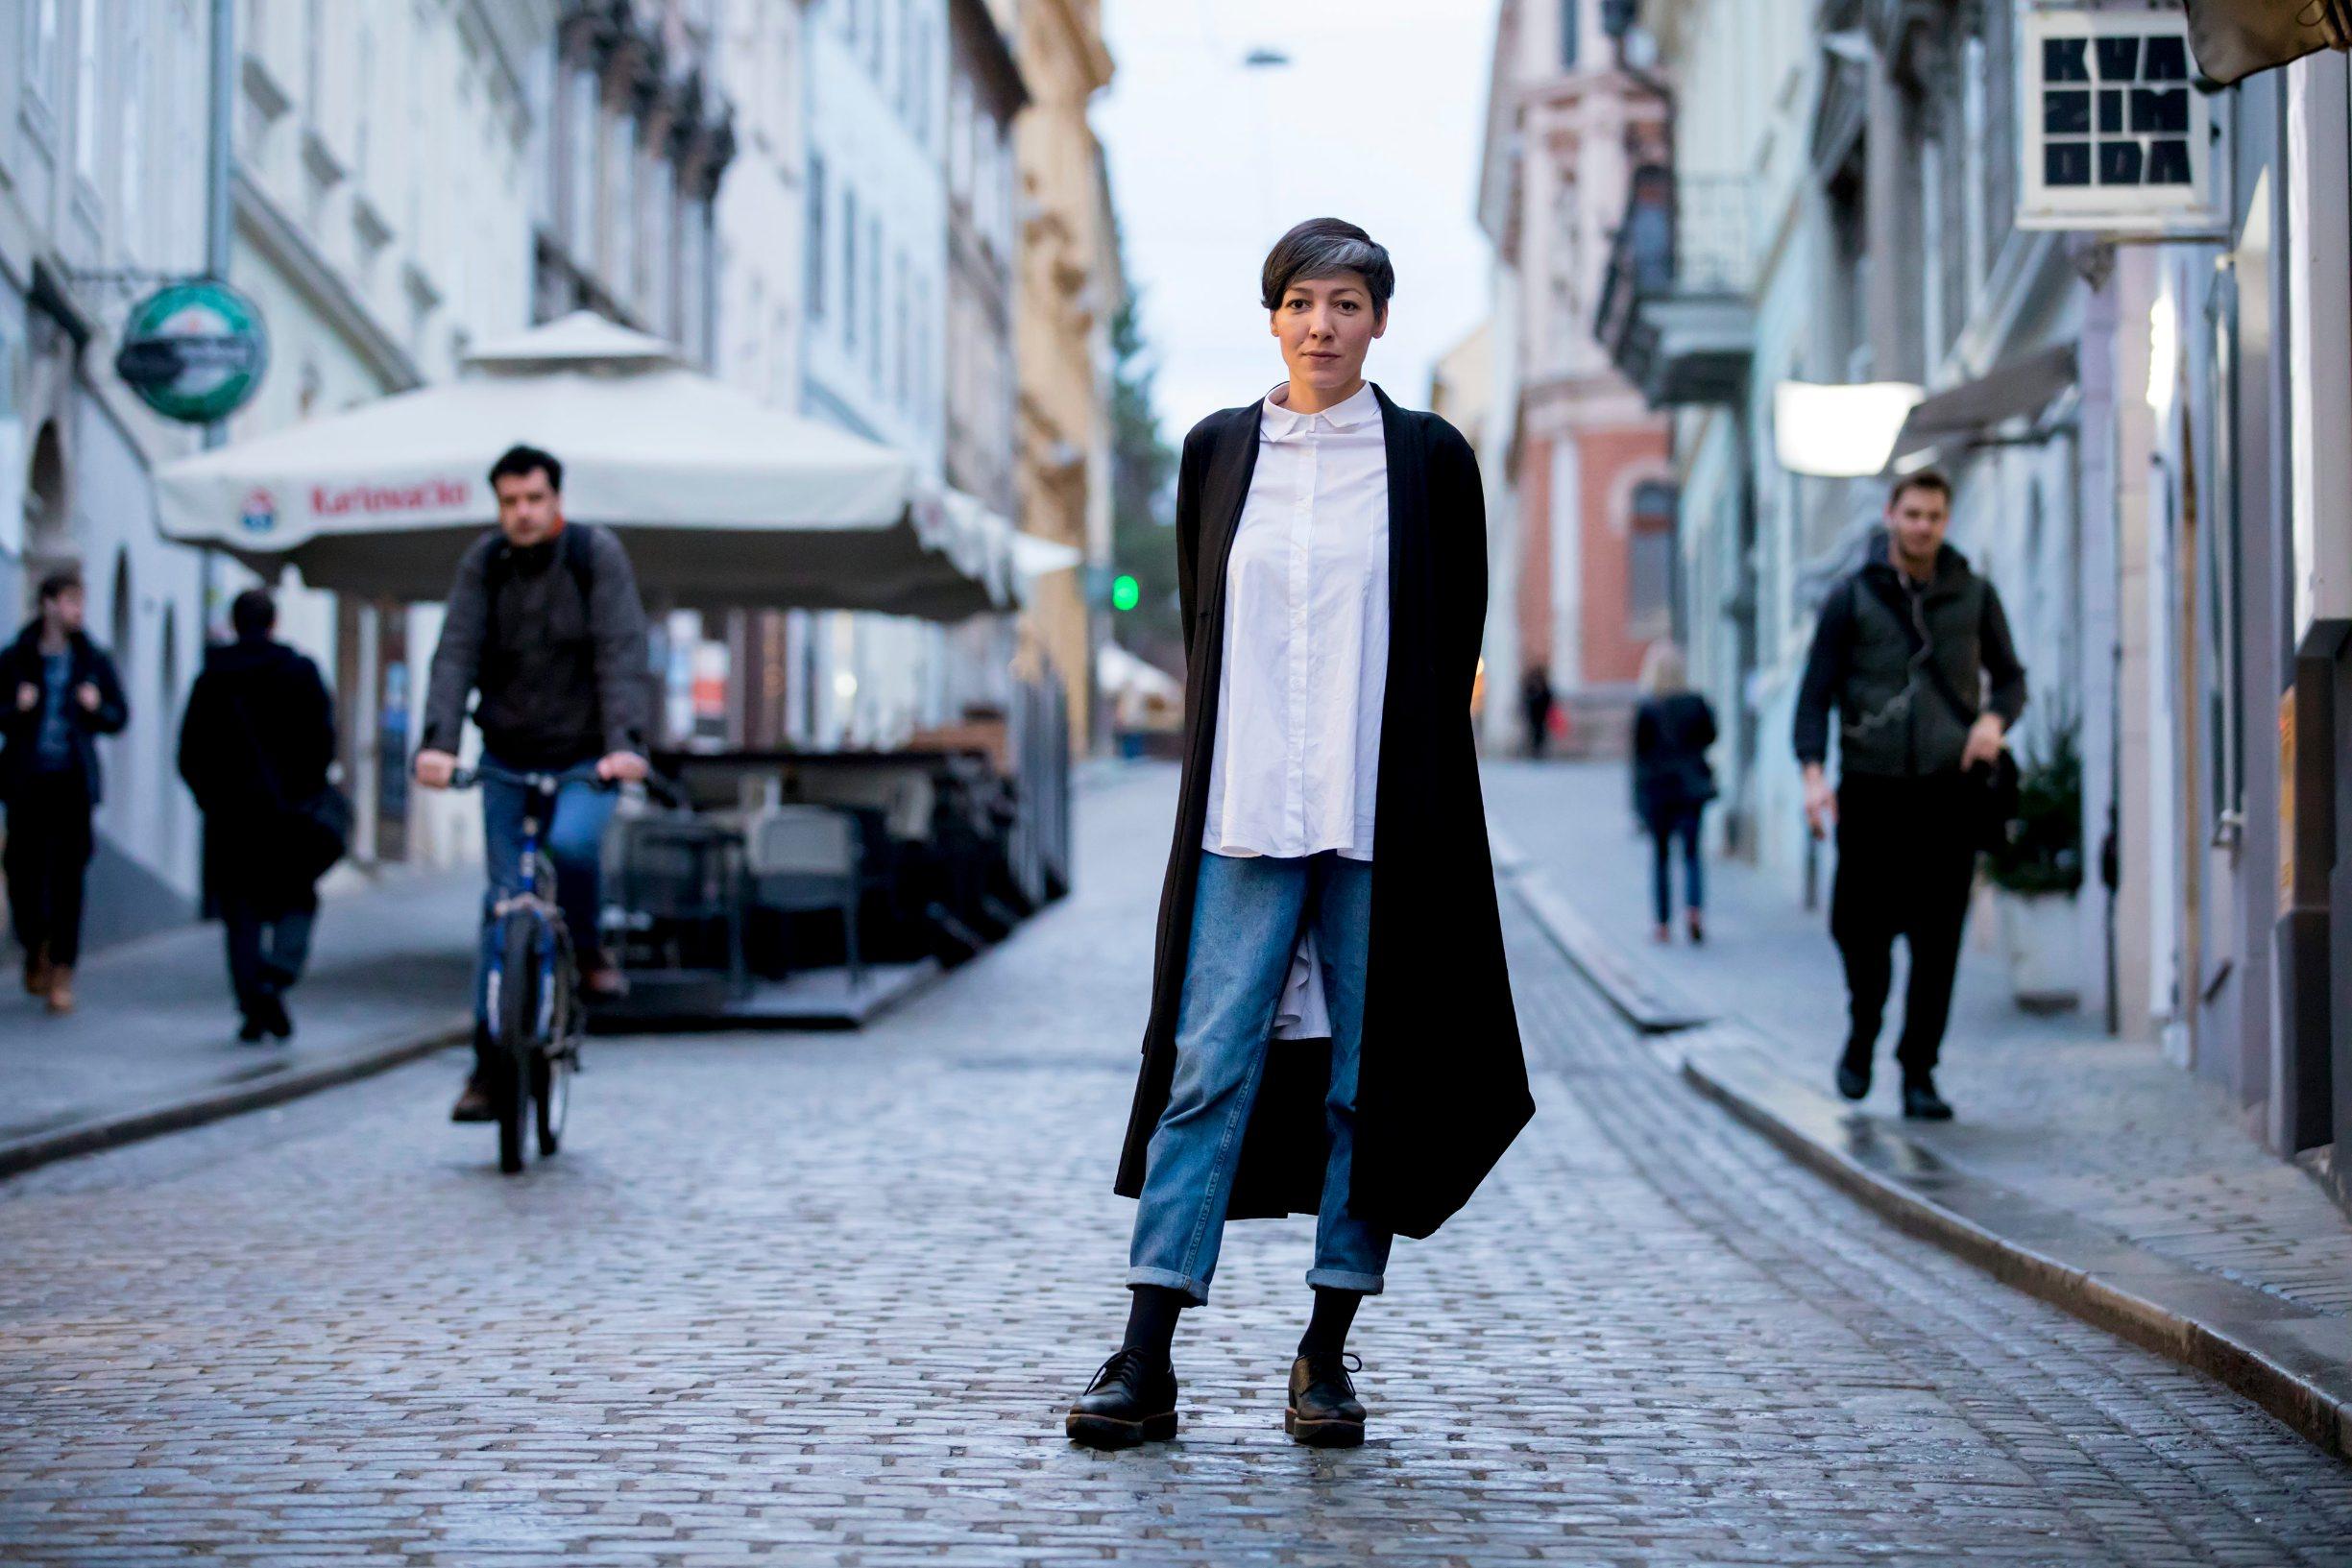 Zagreb, 030320. Radiceva ulica. Na fotografiji: Lana Bobic - feministicka teologinja. Foto: Tomislav Kristo / CROPIX